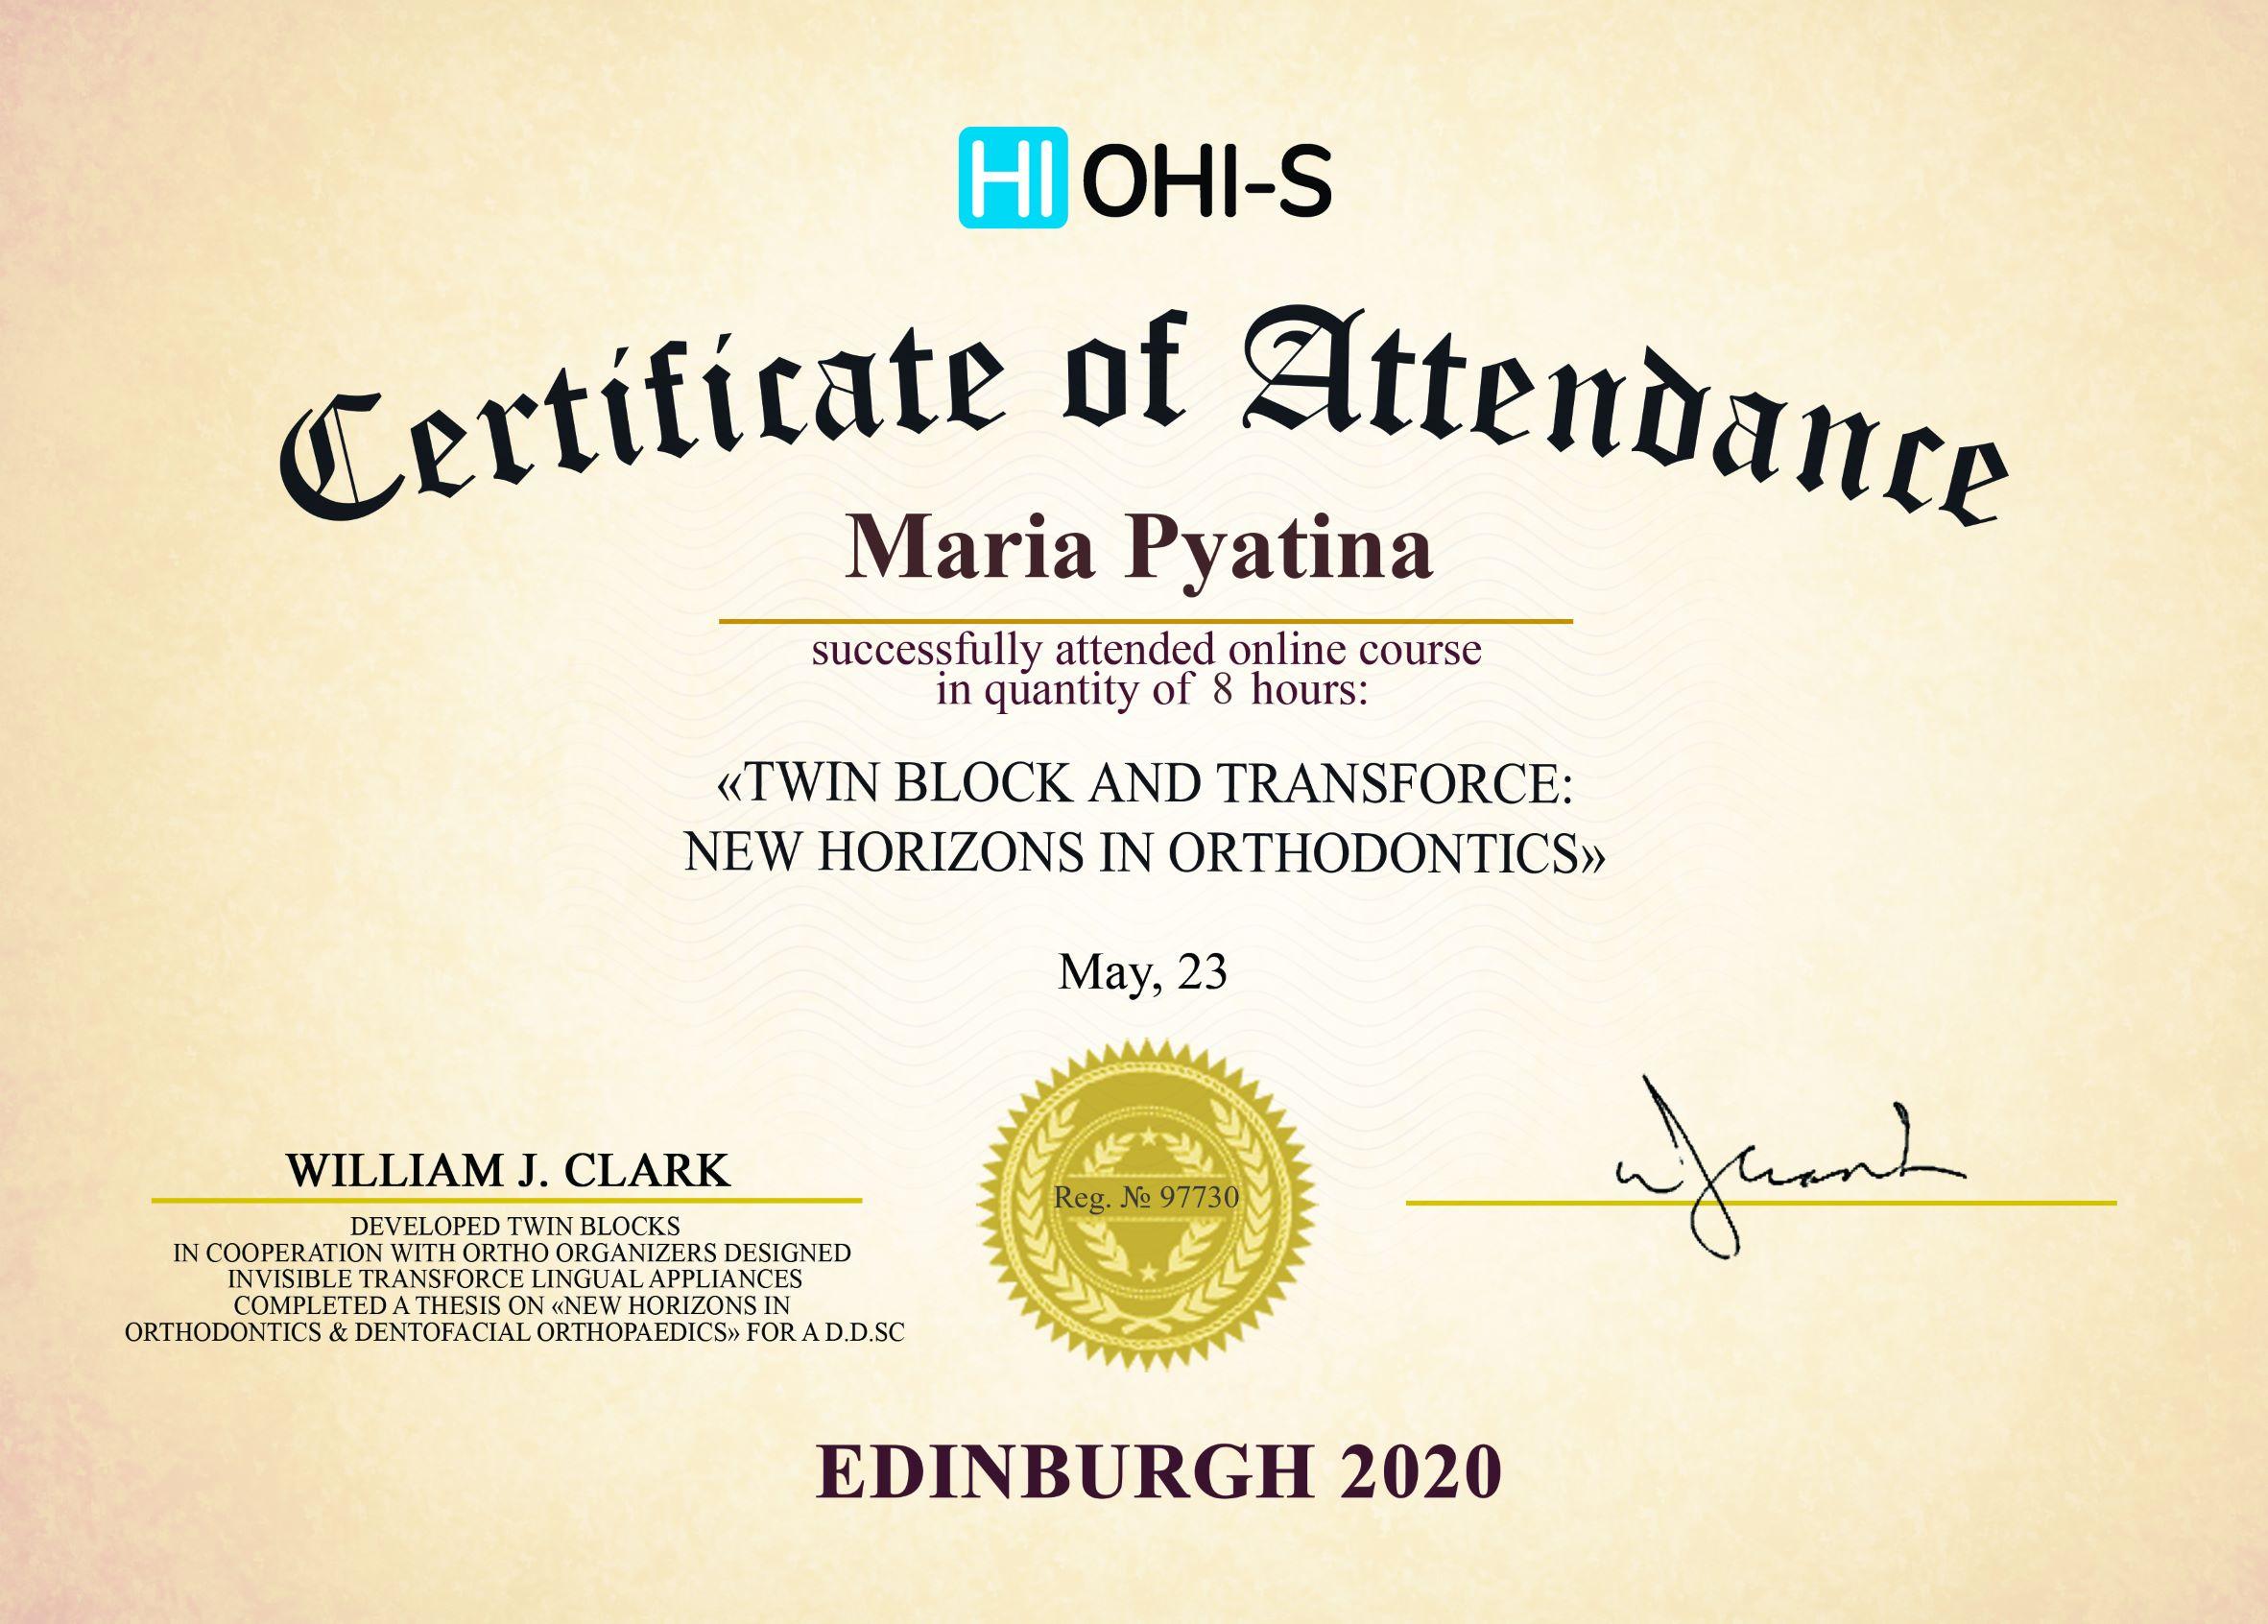 2020, HI OHI-S, Edinburgh